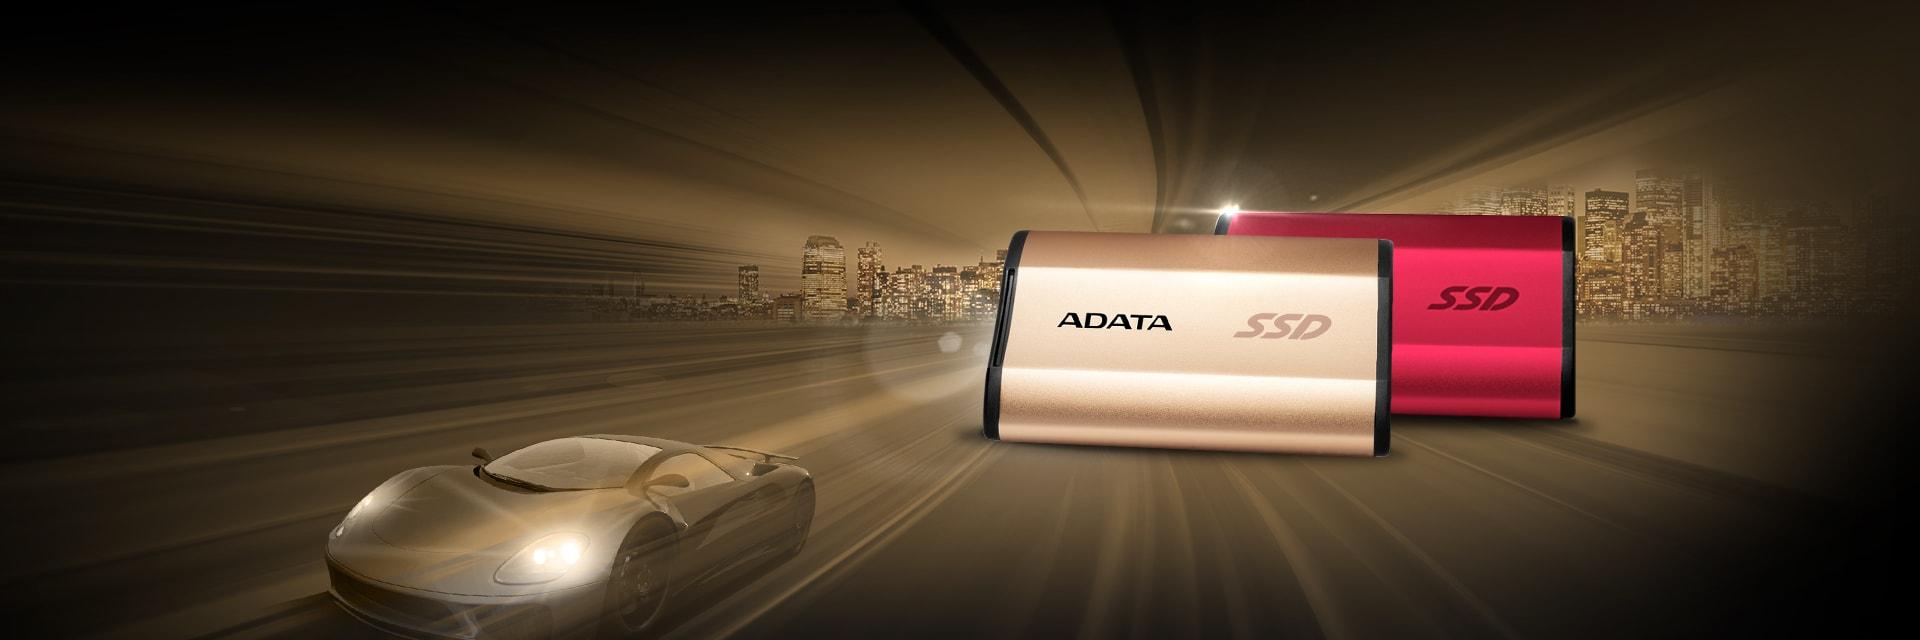 ای دیتا SSD های اکسترنال جدیدی با حافظه ۳D TLC NAND Flash معرفی کرد